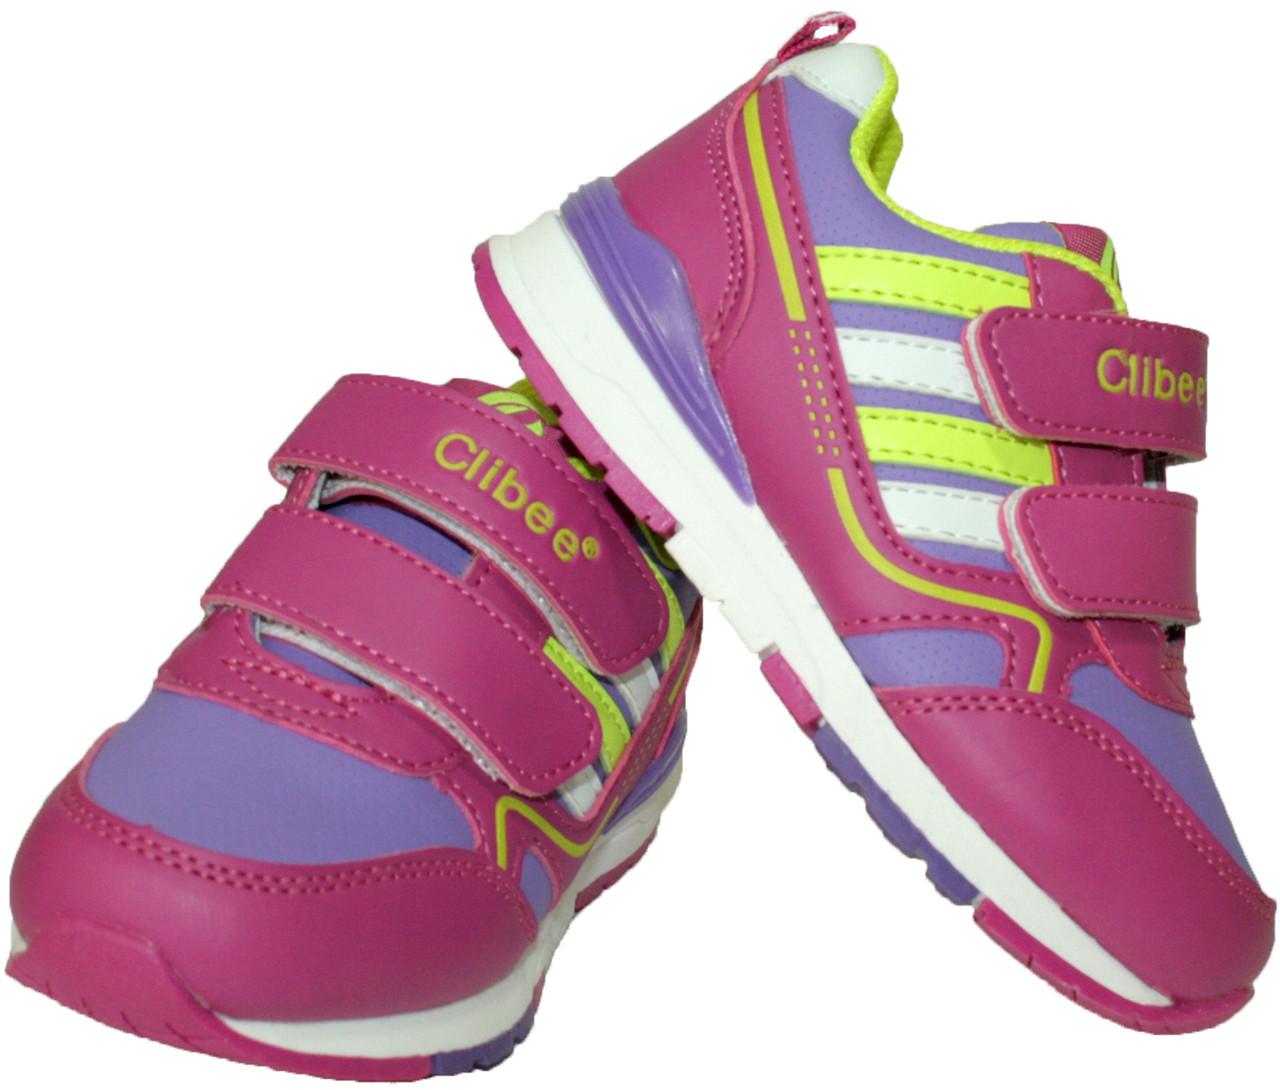 Дитячі кросівки для дівчинки Clibee Польща розміри 25-30